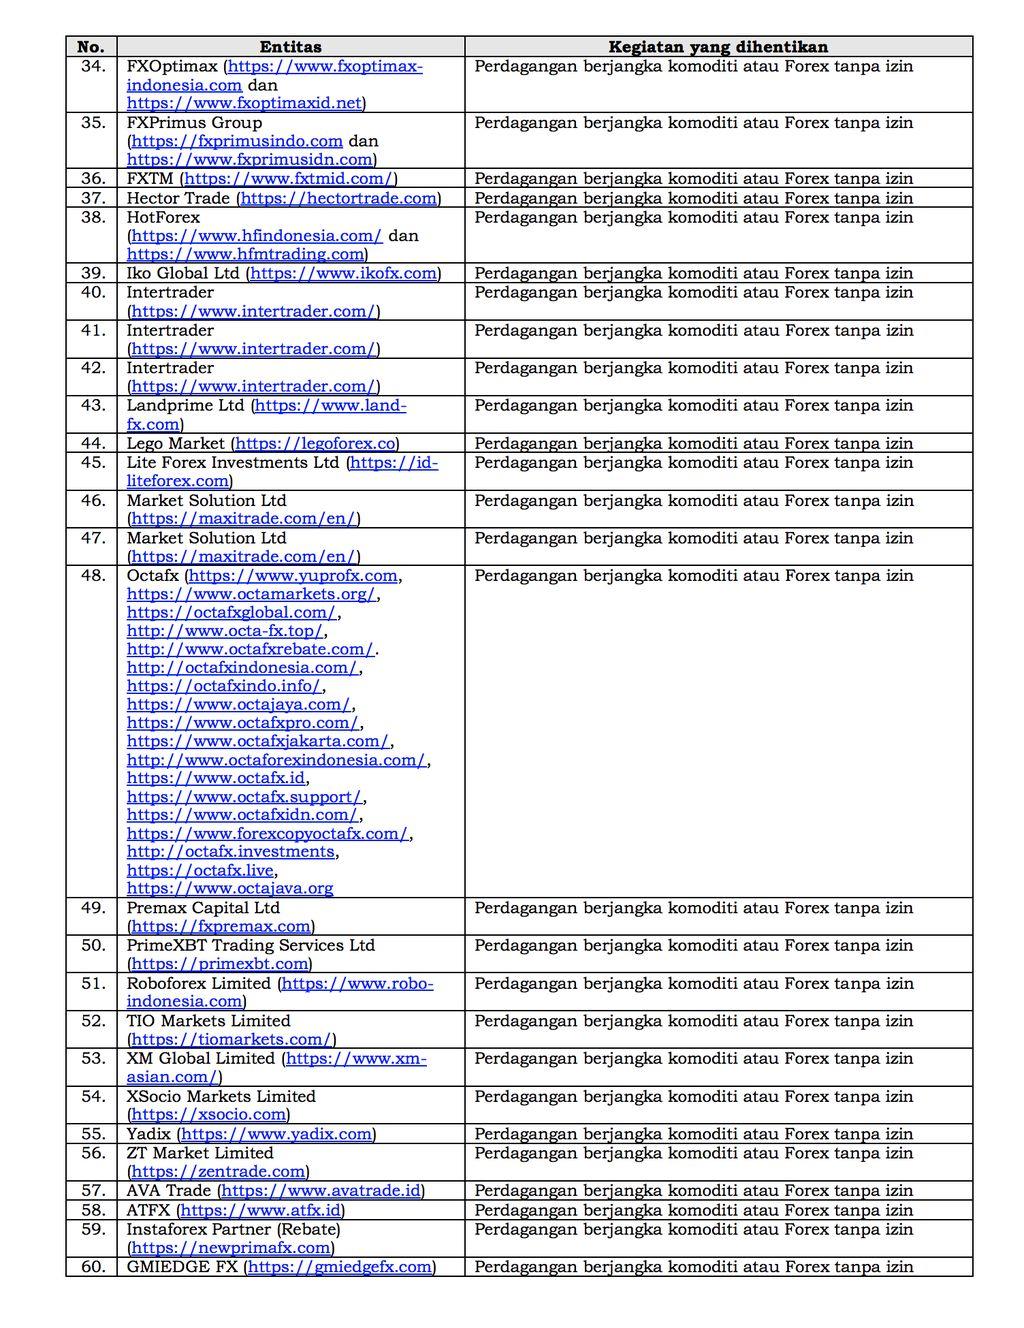 Daftar Entitas Yang Dihentikan Satgas Waspada Investasi Hal 2